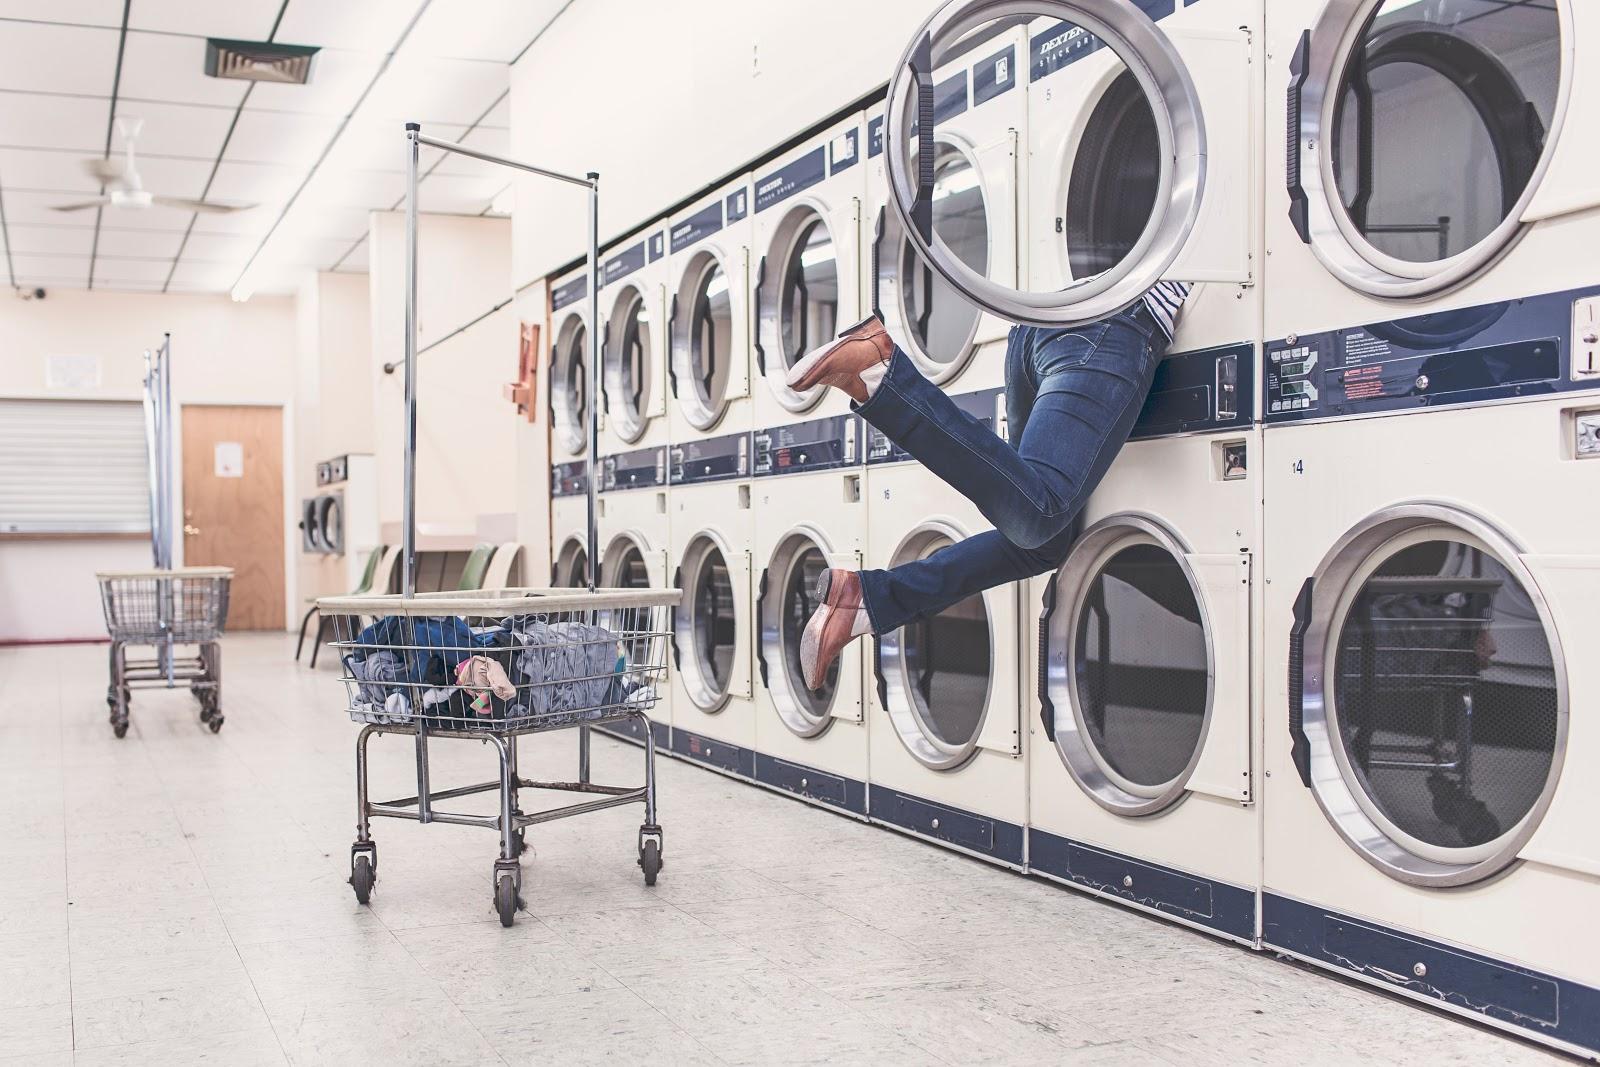 Jaką pralkę kupić? Jak wybrać? 2 strategie zakupu